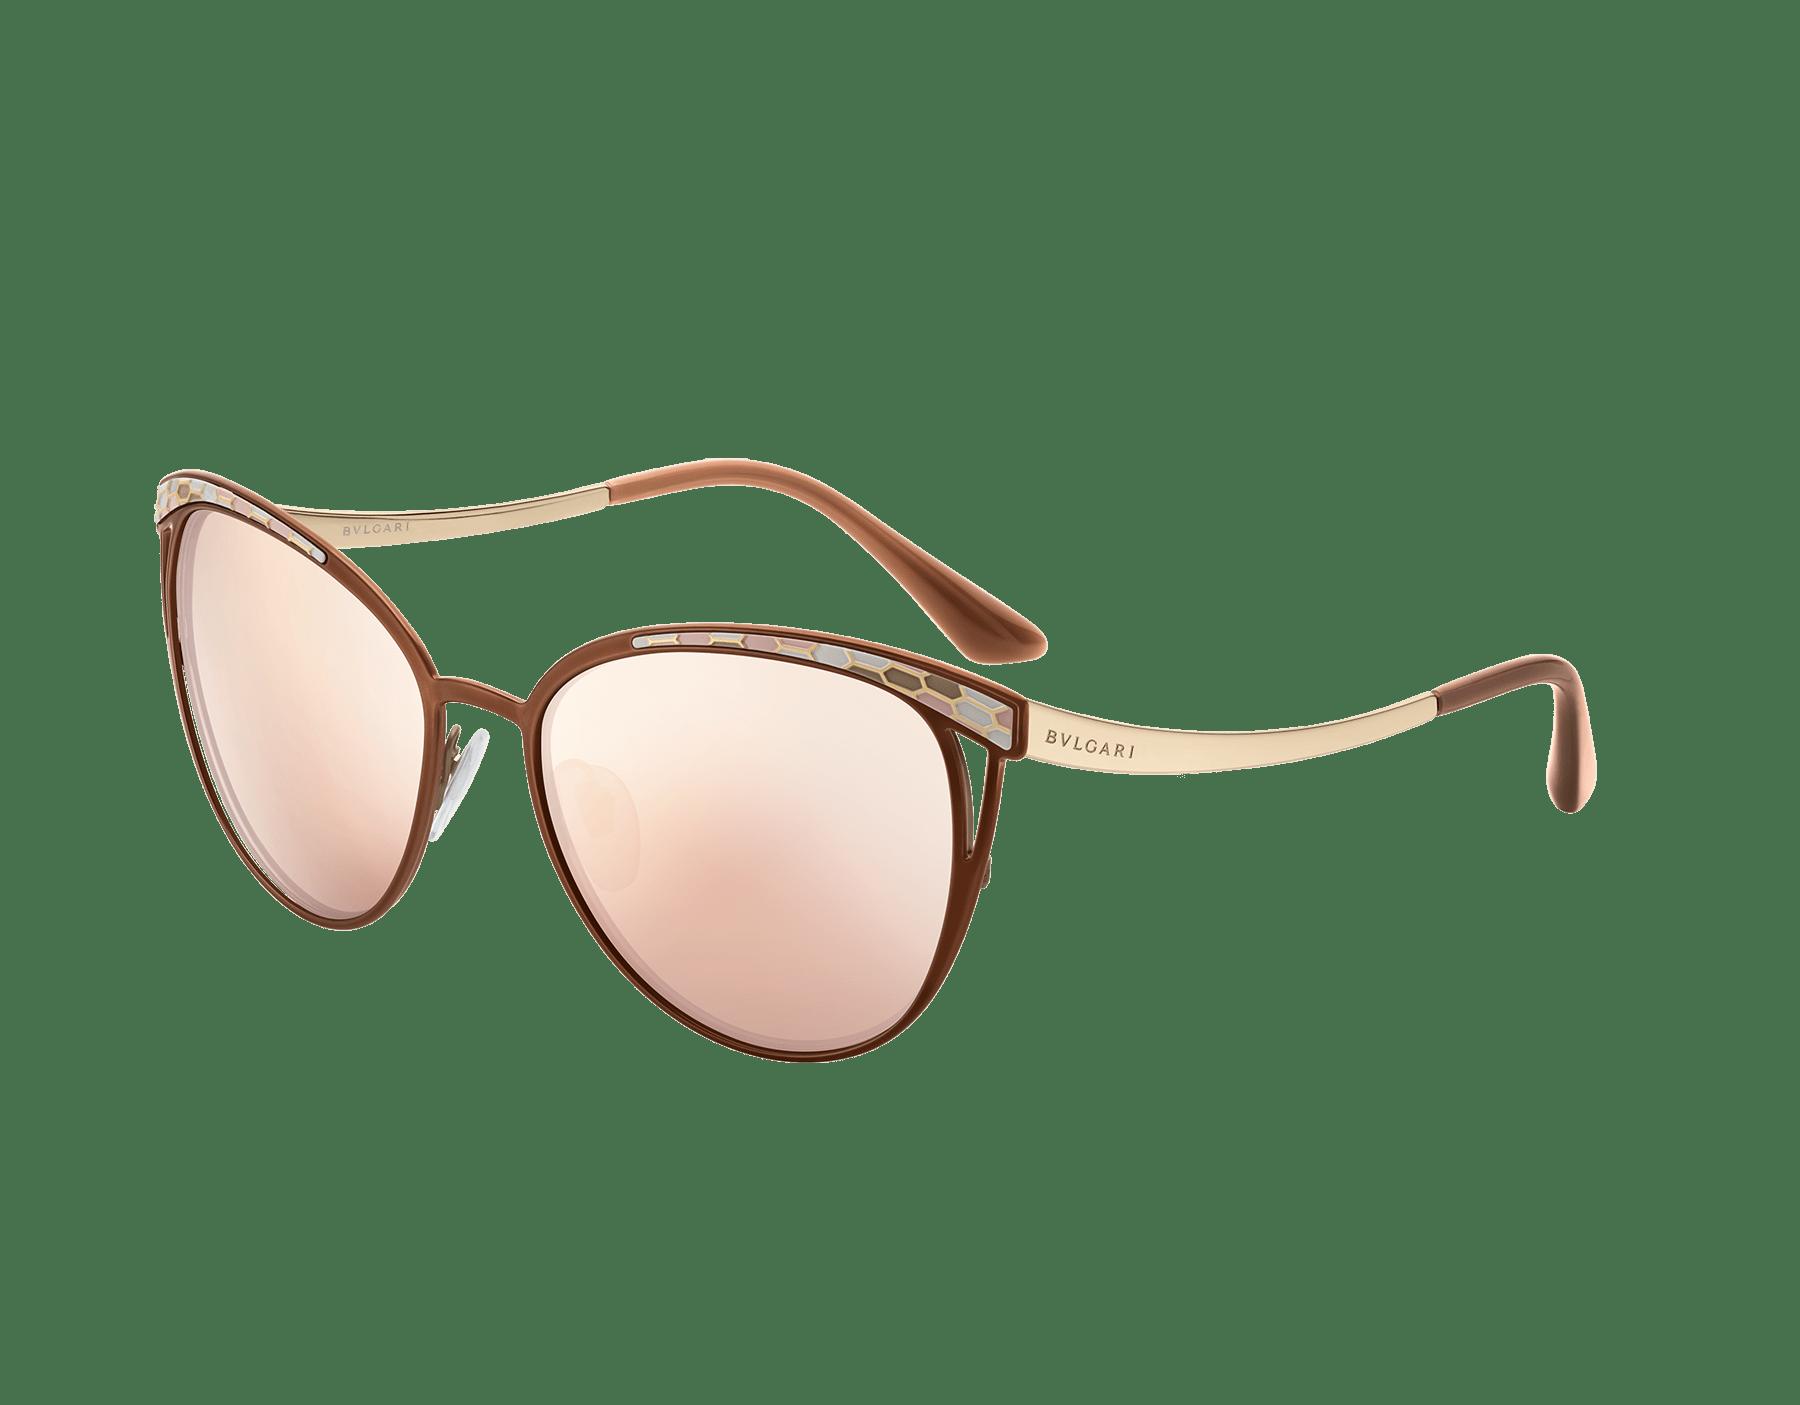 Contemporâneos óculos de sol Serpenti Serpentine com formato olho de gato em metal. 903605 image 1